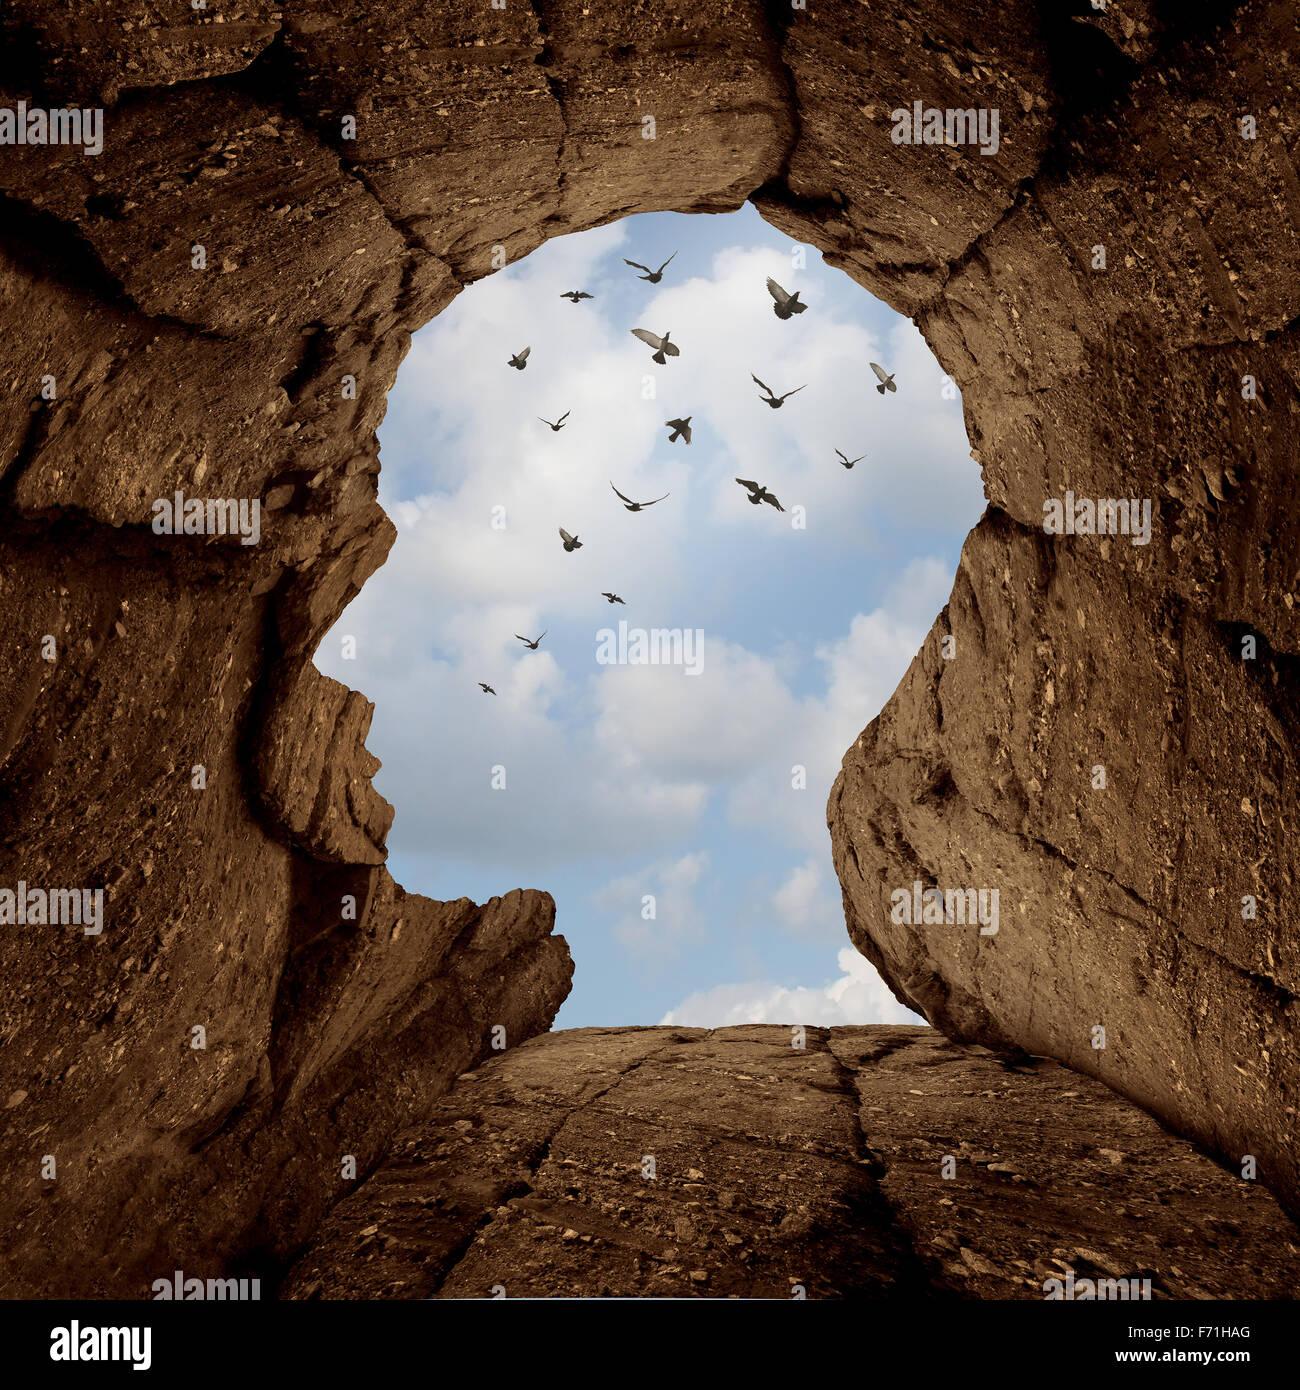 Phantasie und Entdeckung Konzept als einer felsigen Klippe mit einer Öffnung an der Spitze geformt wie ein Stockbild